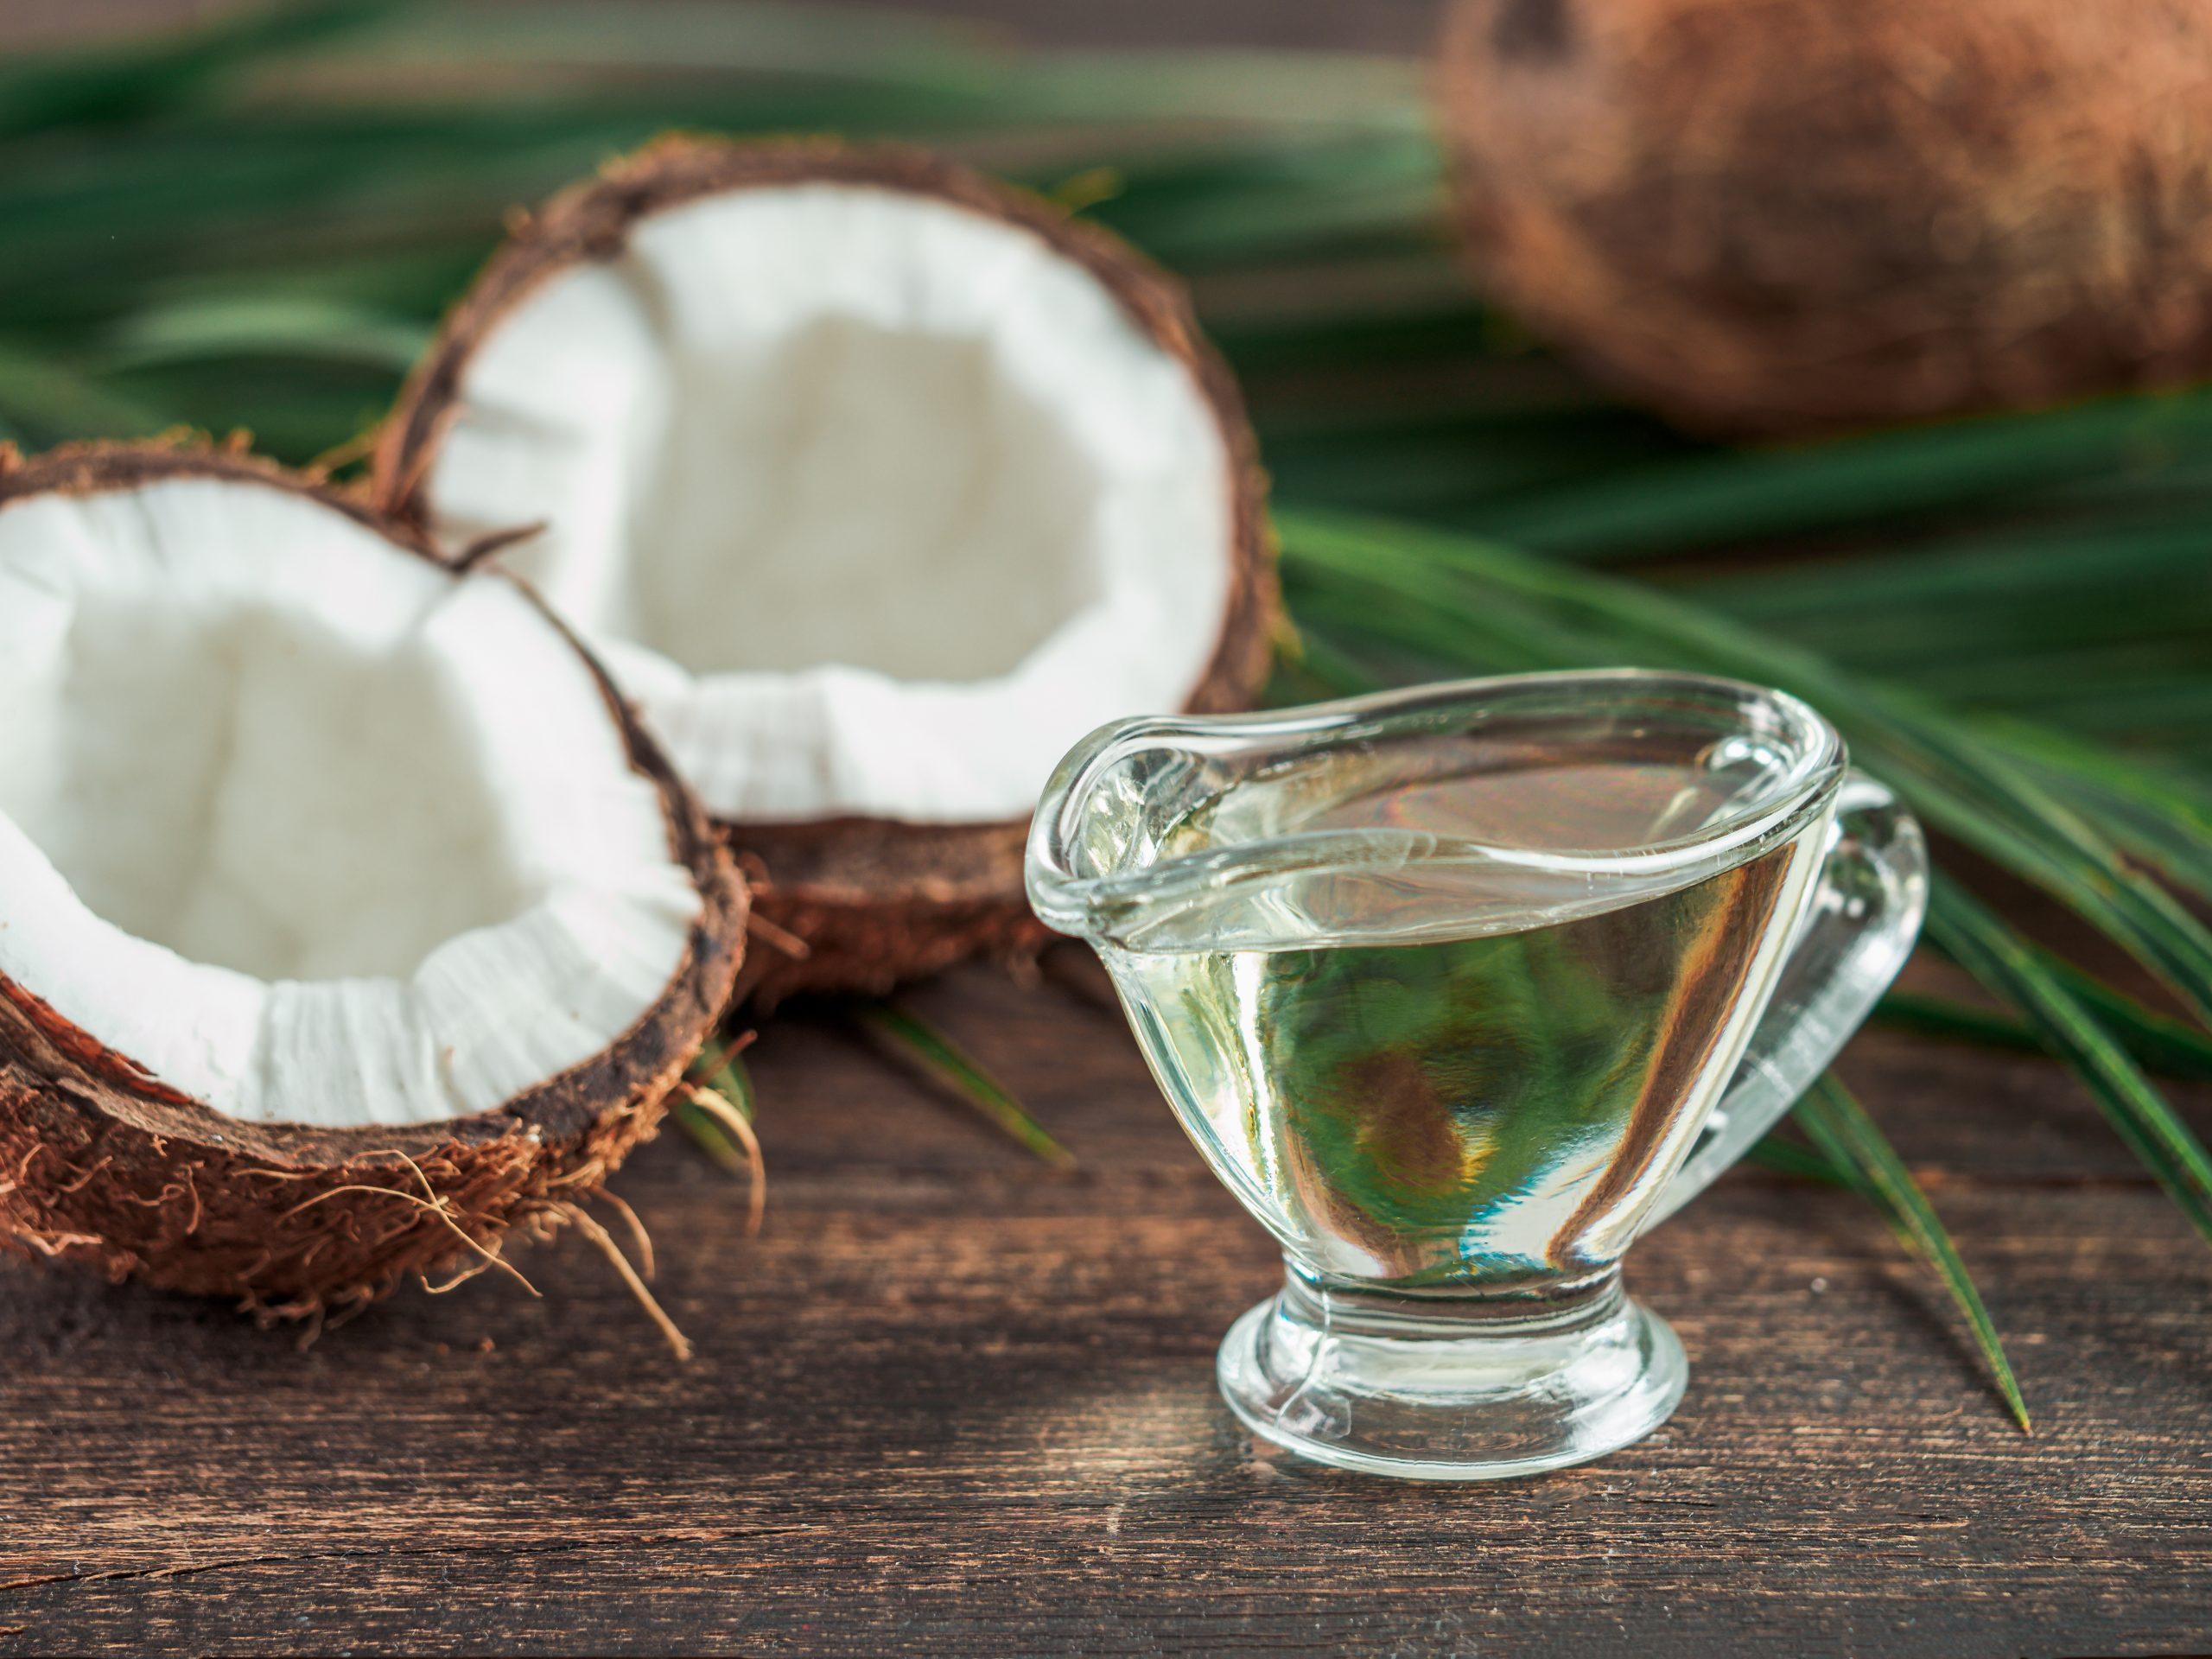 MCTオイルとココナッツオイルって何が違うの?正しく理解して使い分けよう